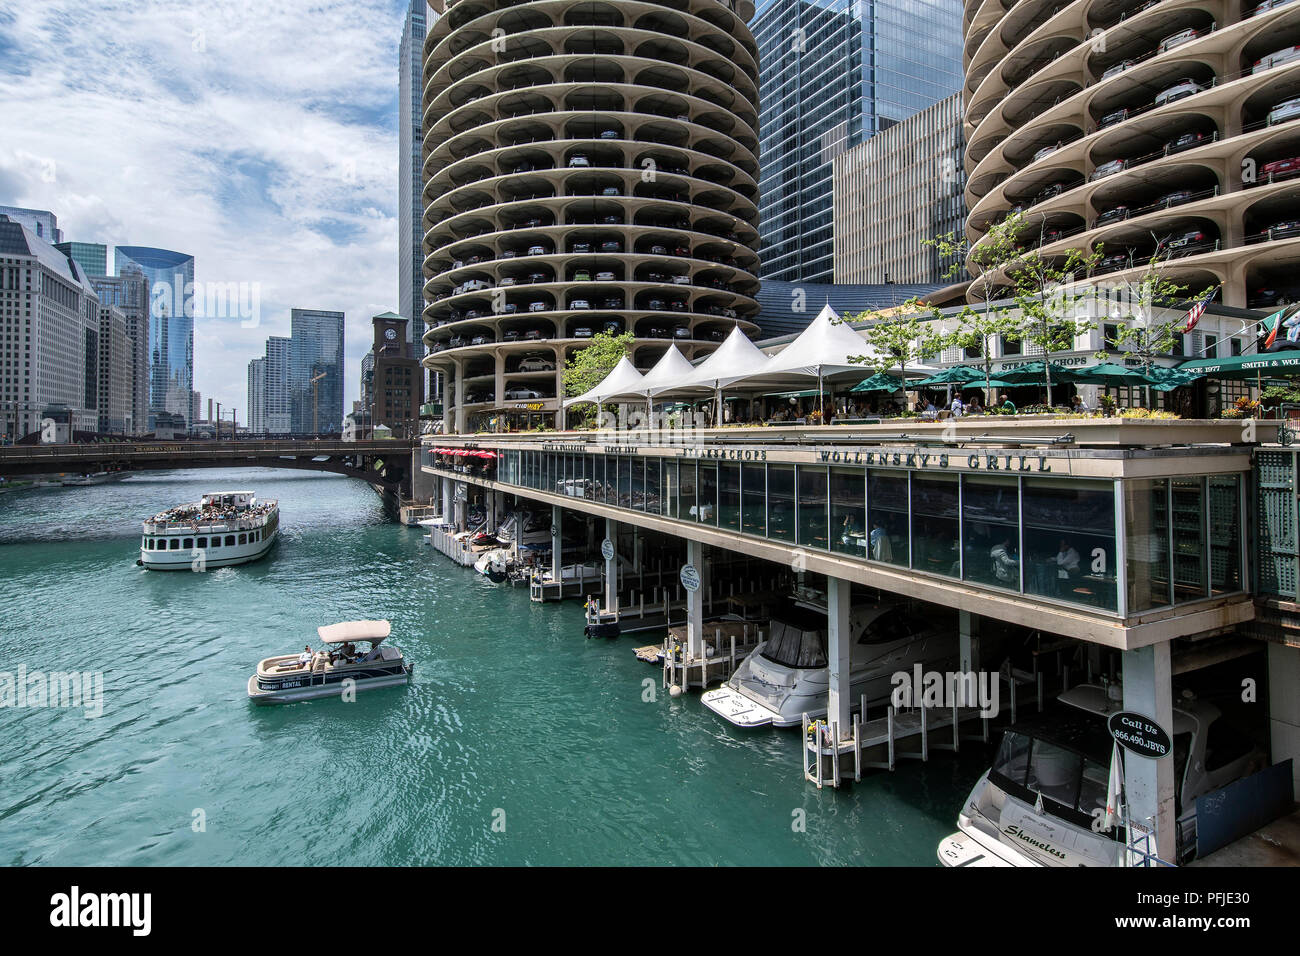 Vista del Río Chicago, desde el puente de la calle State, Marina Towers, el centro de Chicago. Imagen De Stock